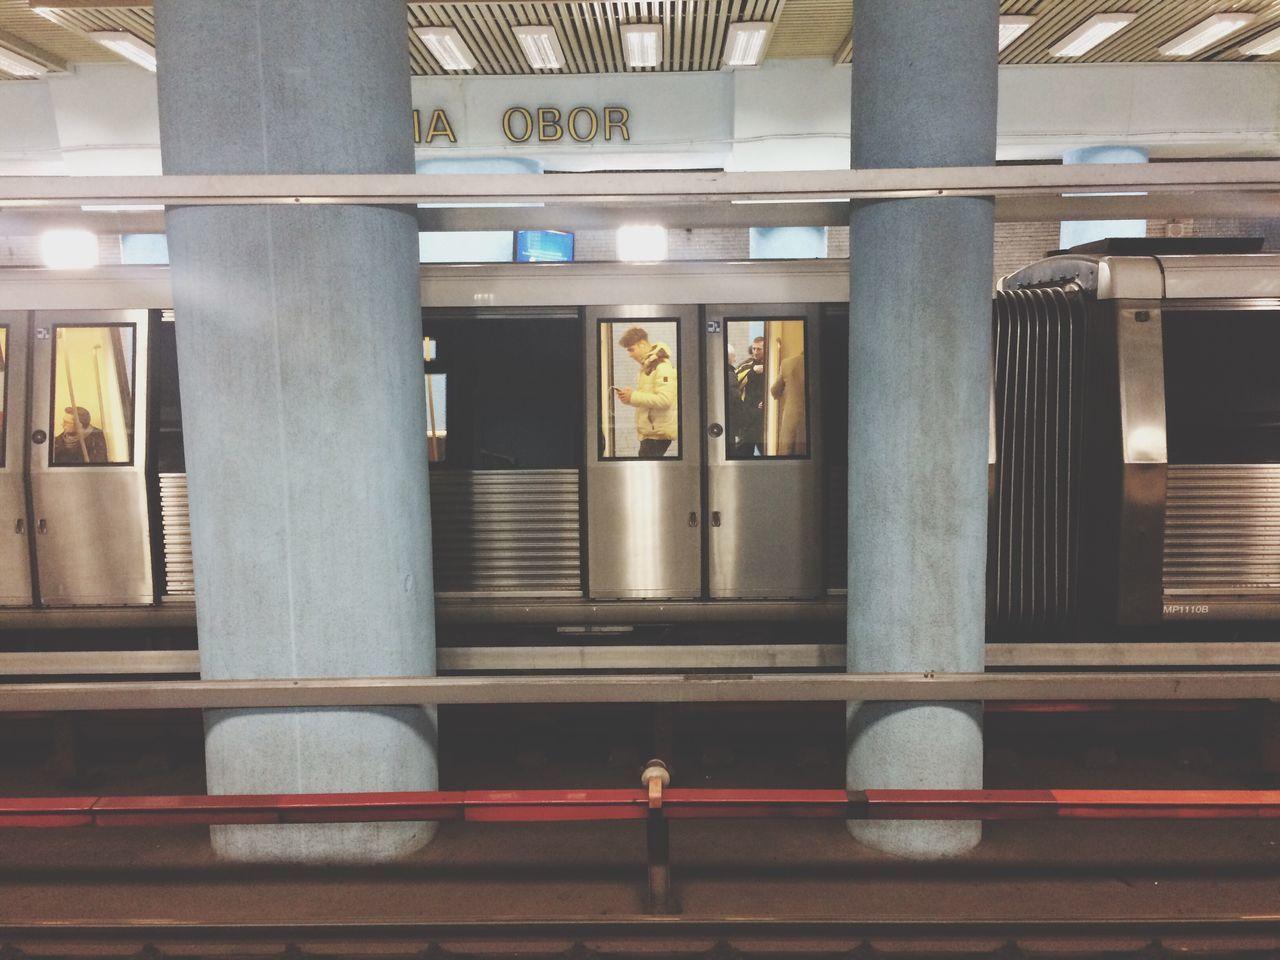 Indoors  Illuminated Architecture Day Subway Station Subway City Life Transportation People